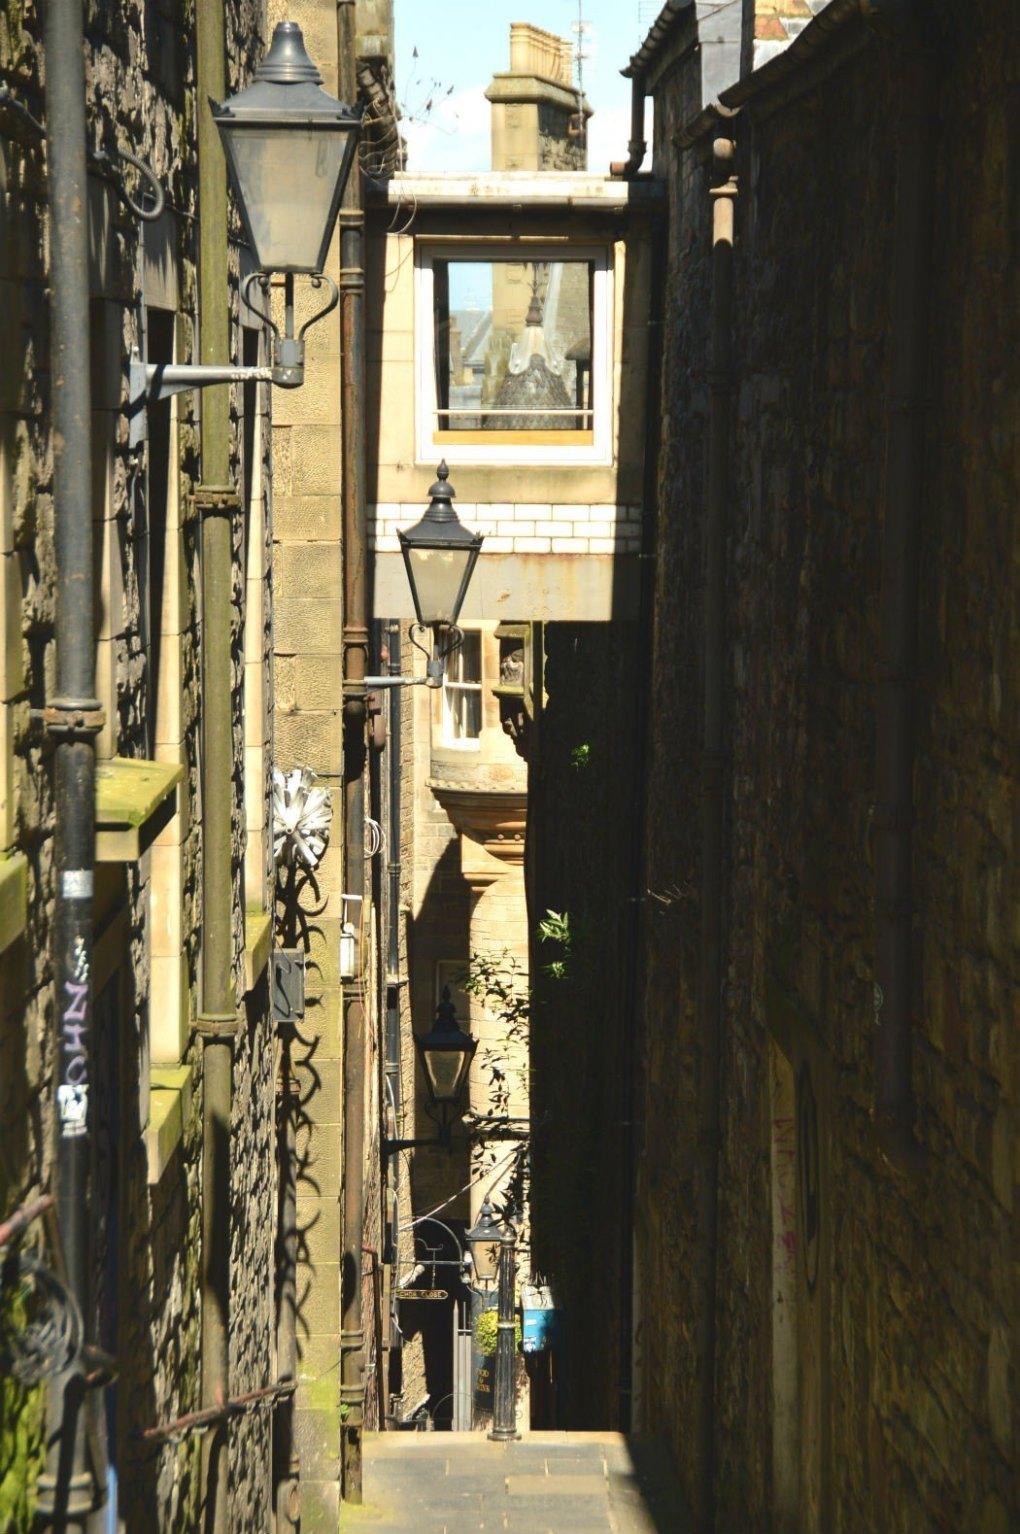 edinburgh lane way with street lamps